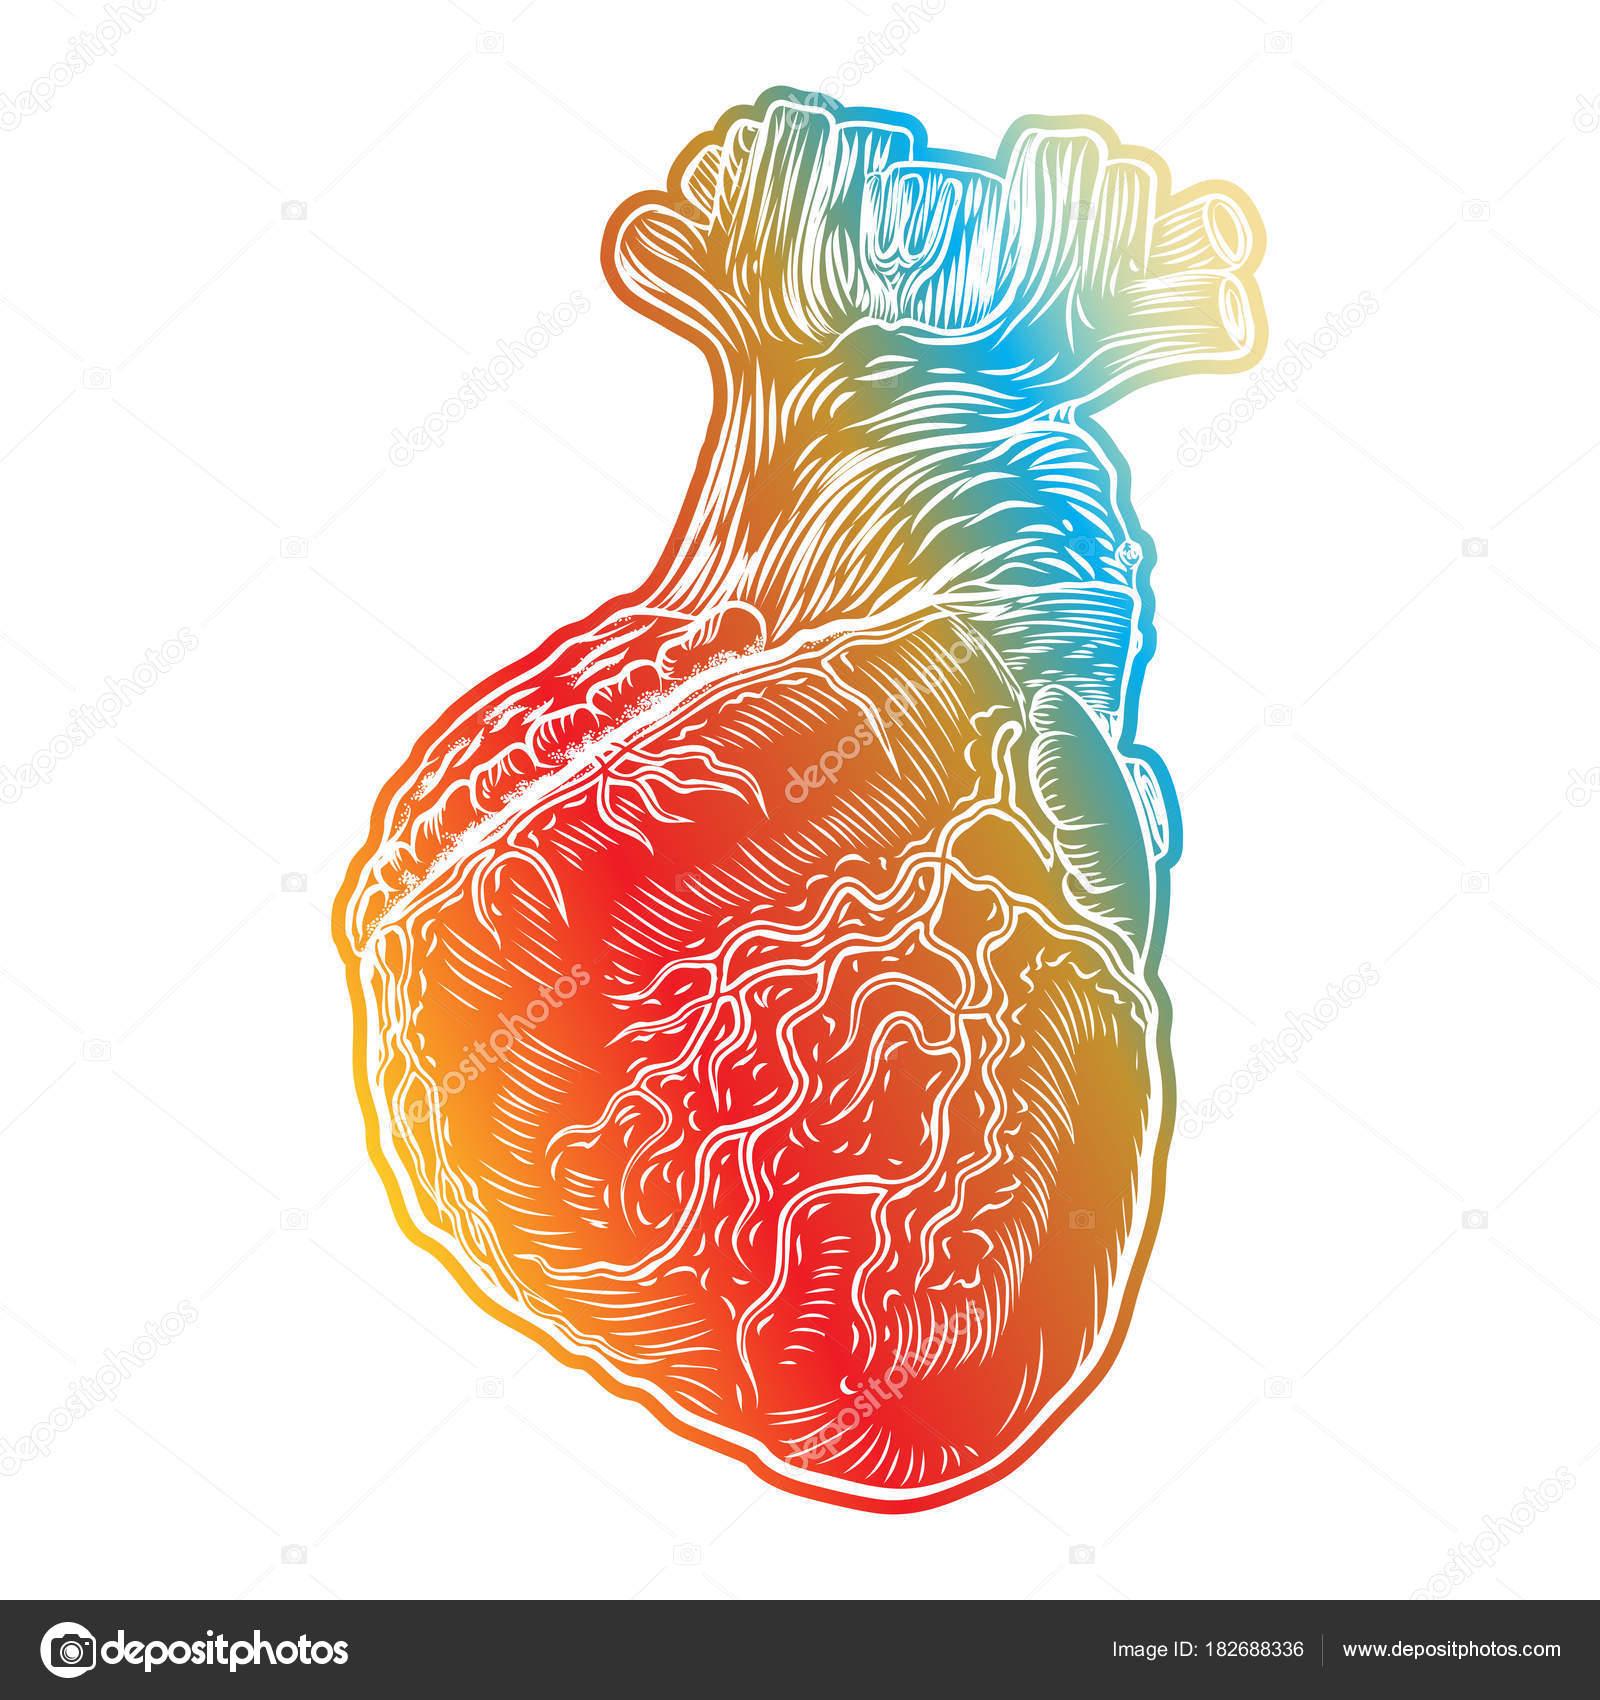 Corazón humano rojo con aorta, venas y arterias — Vector de stock ...